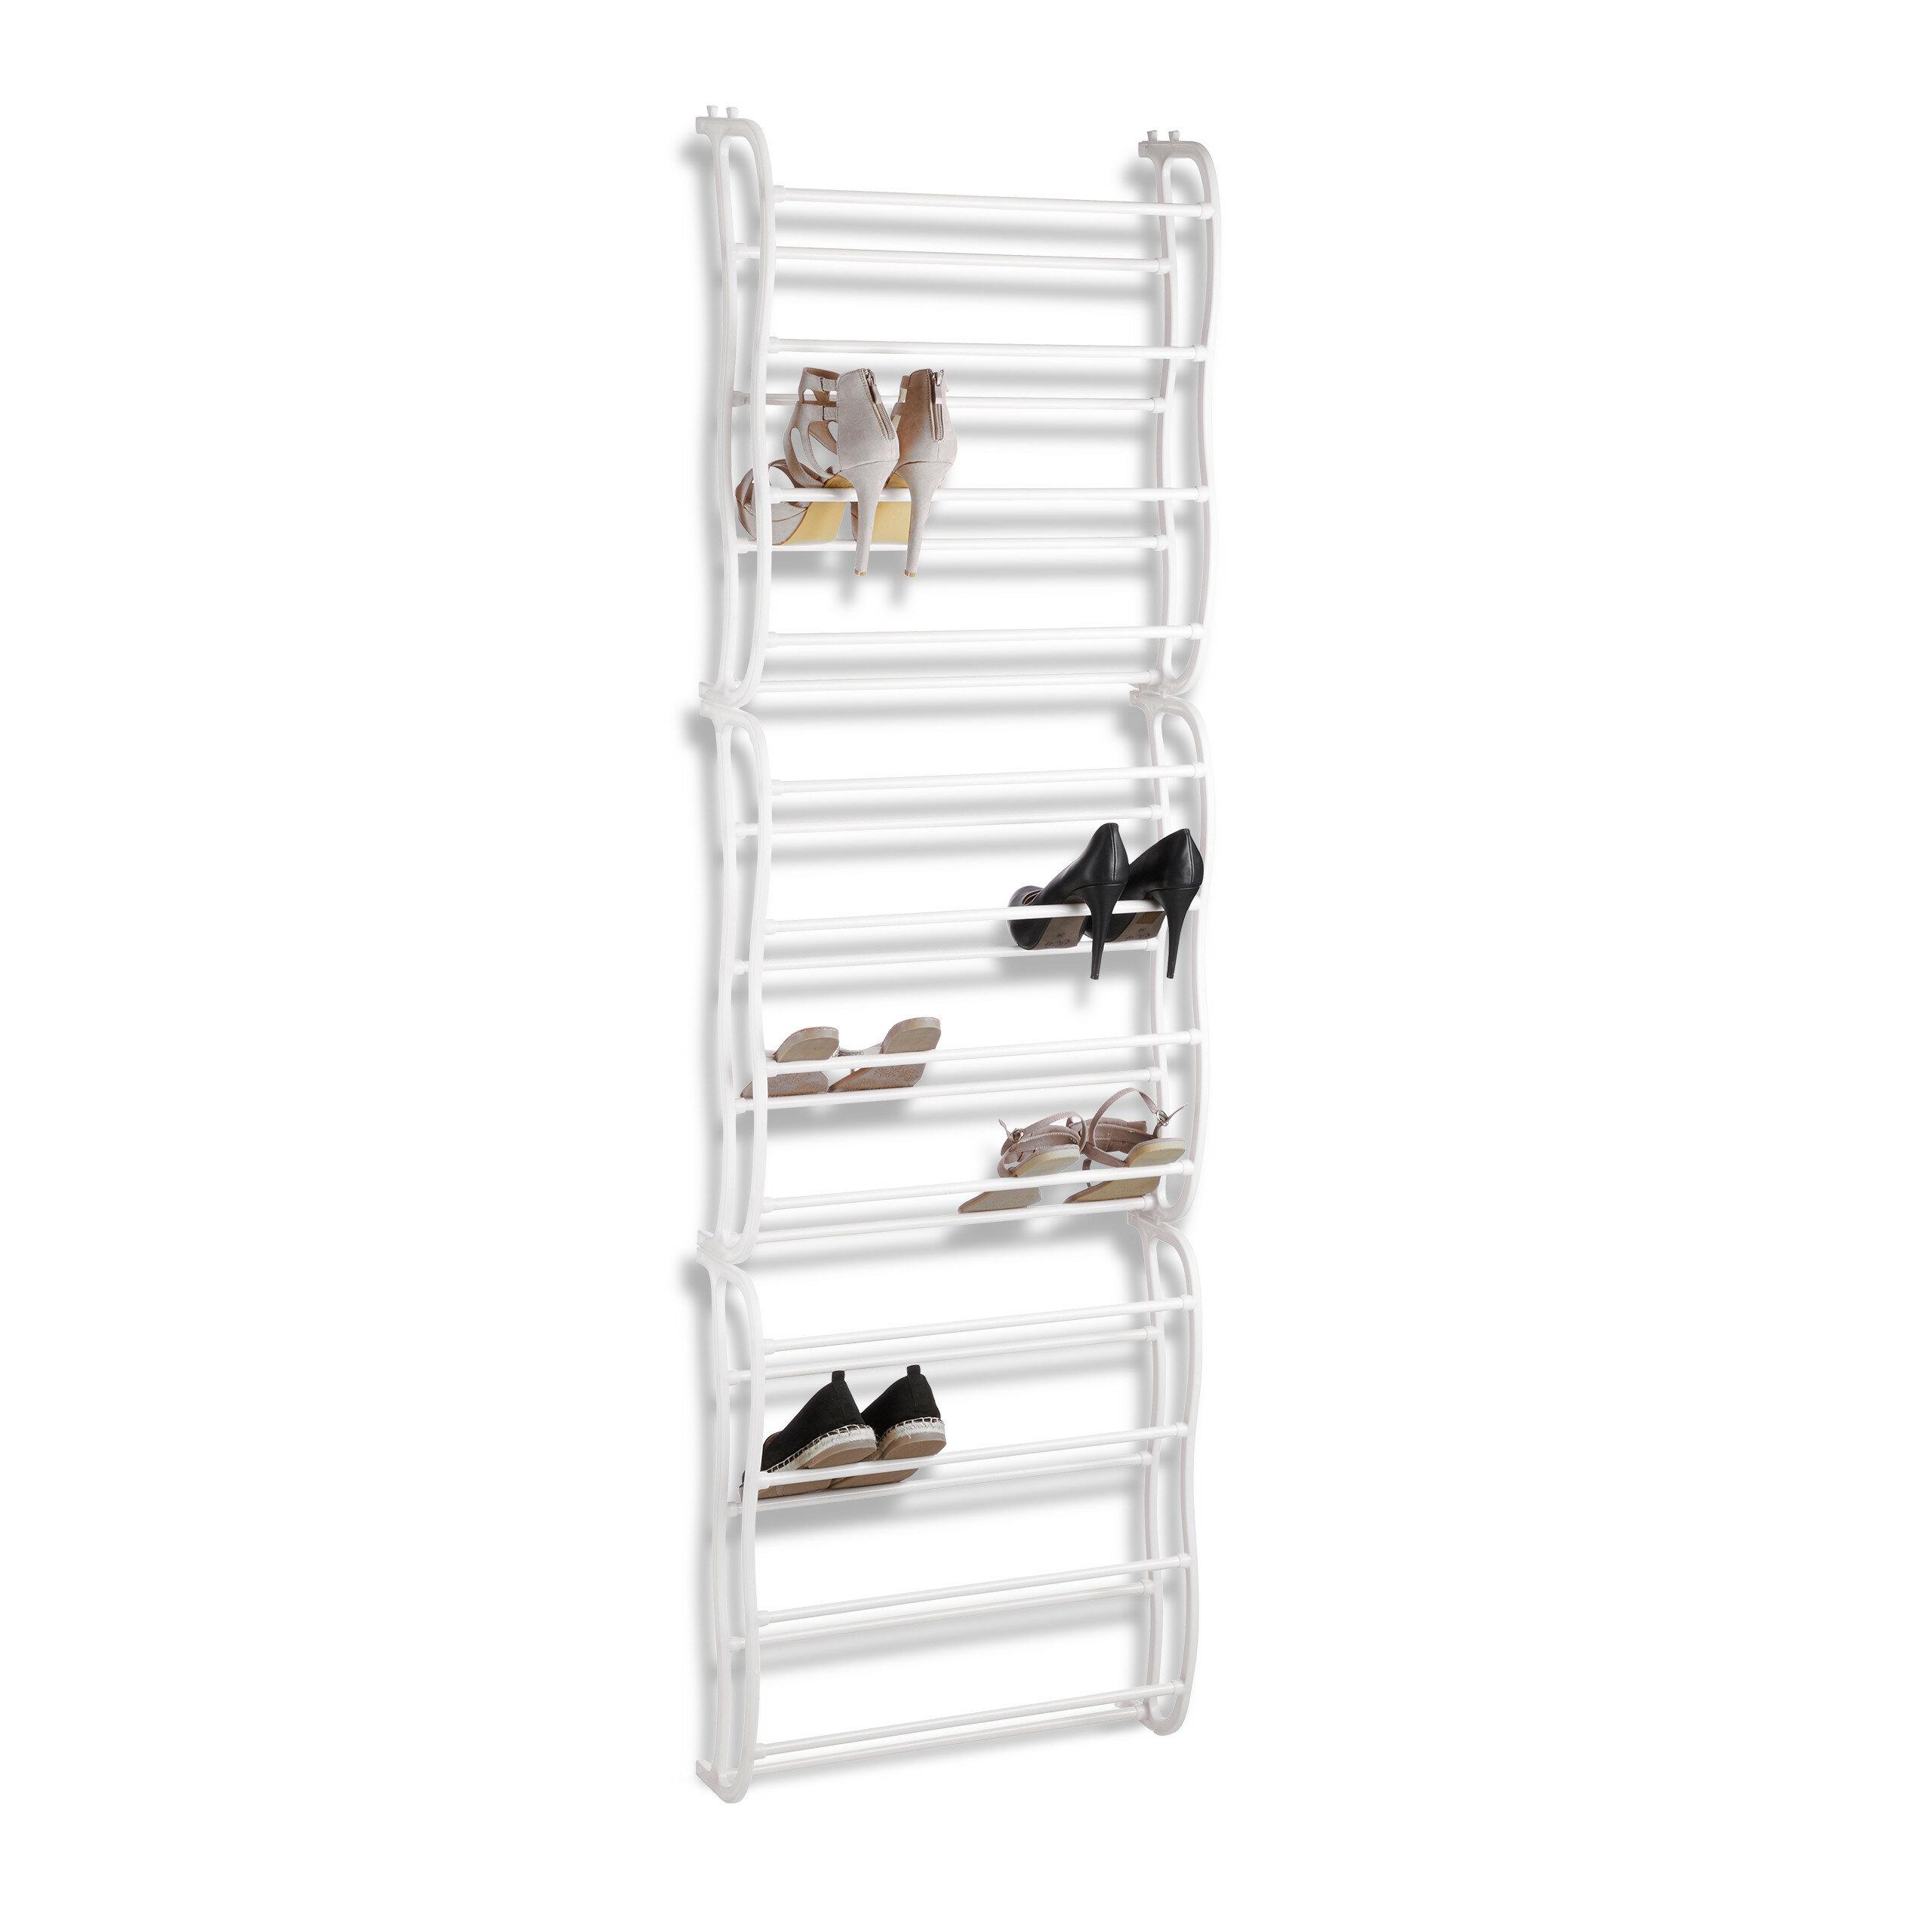 26 Pair Shoe Storage Hanging Over Door Shoe Organiser Rack Tidy Space Save UK